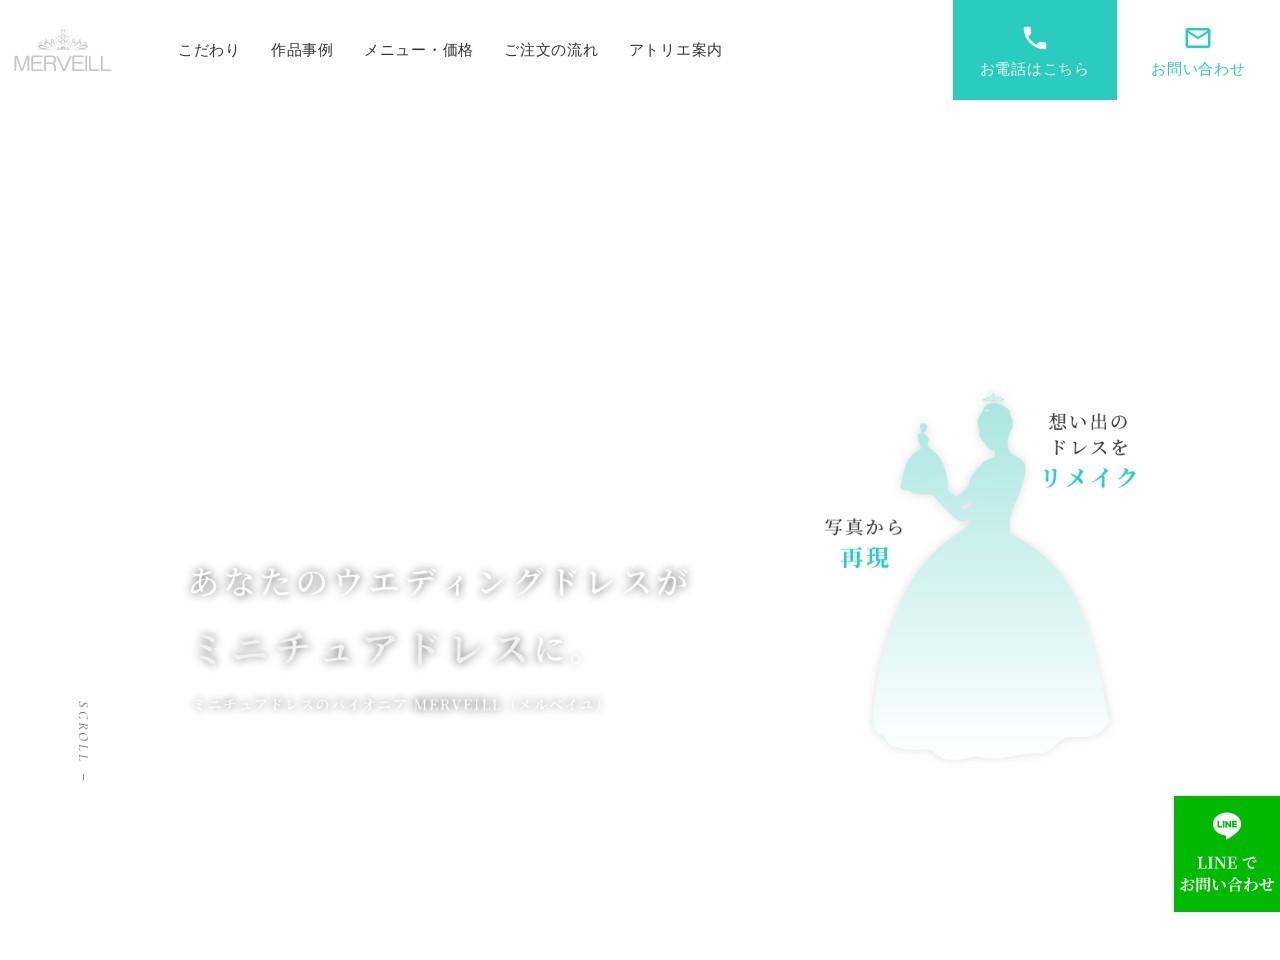 オーダーメイドミニチュアウェディングドレス専門店 『MERVEILL(メルベイユ)』 - 愛知県名古屋市